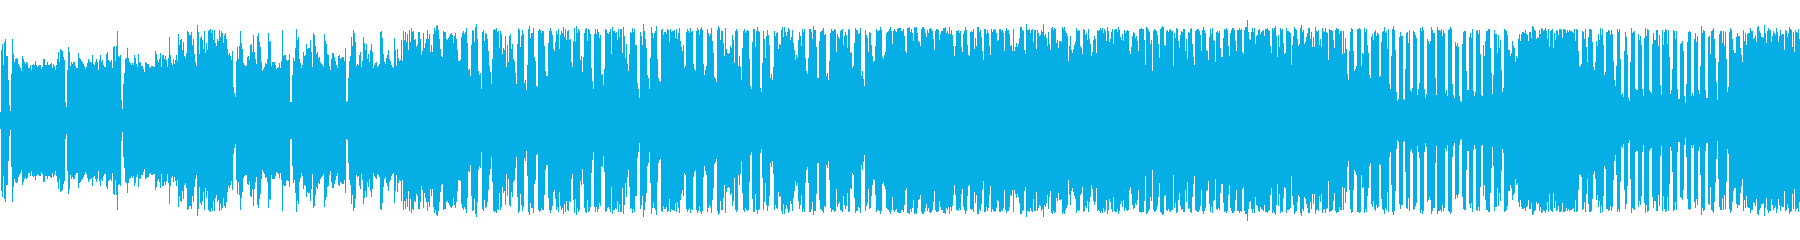 スタイリッシュなチップチューンサウンドの再生済みの波形